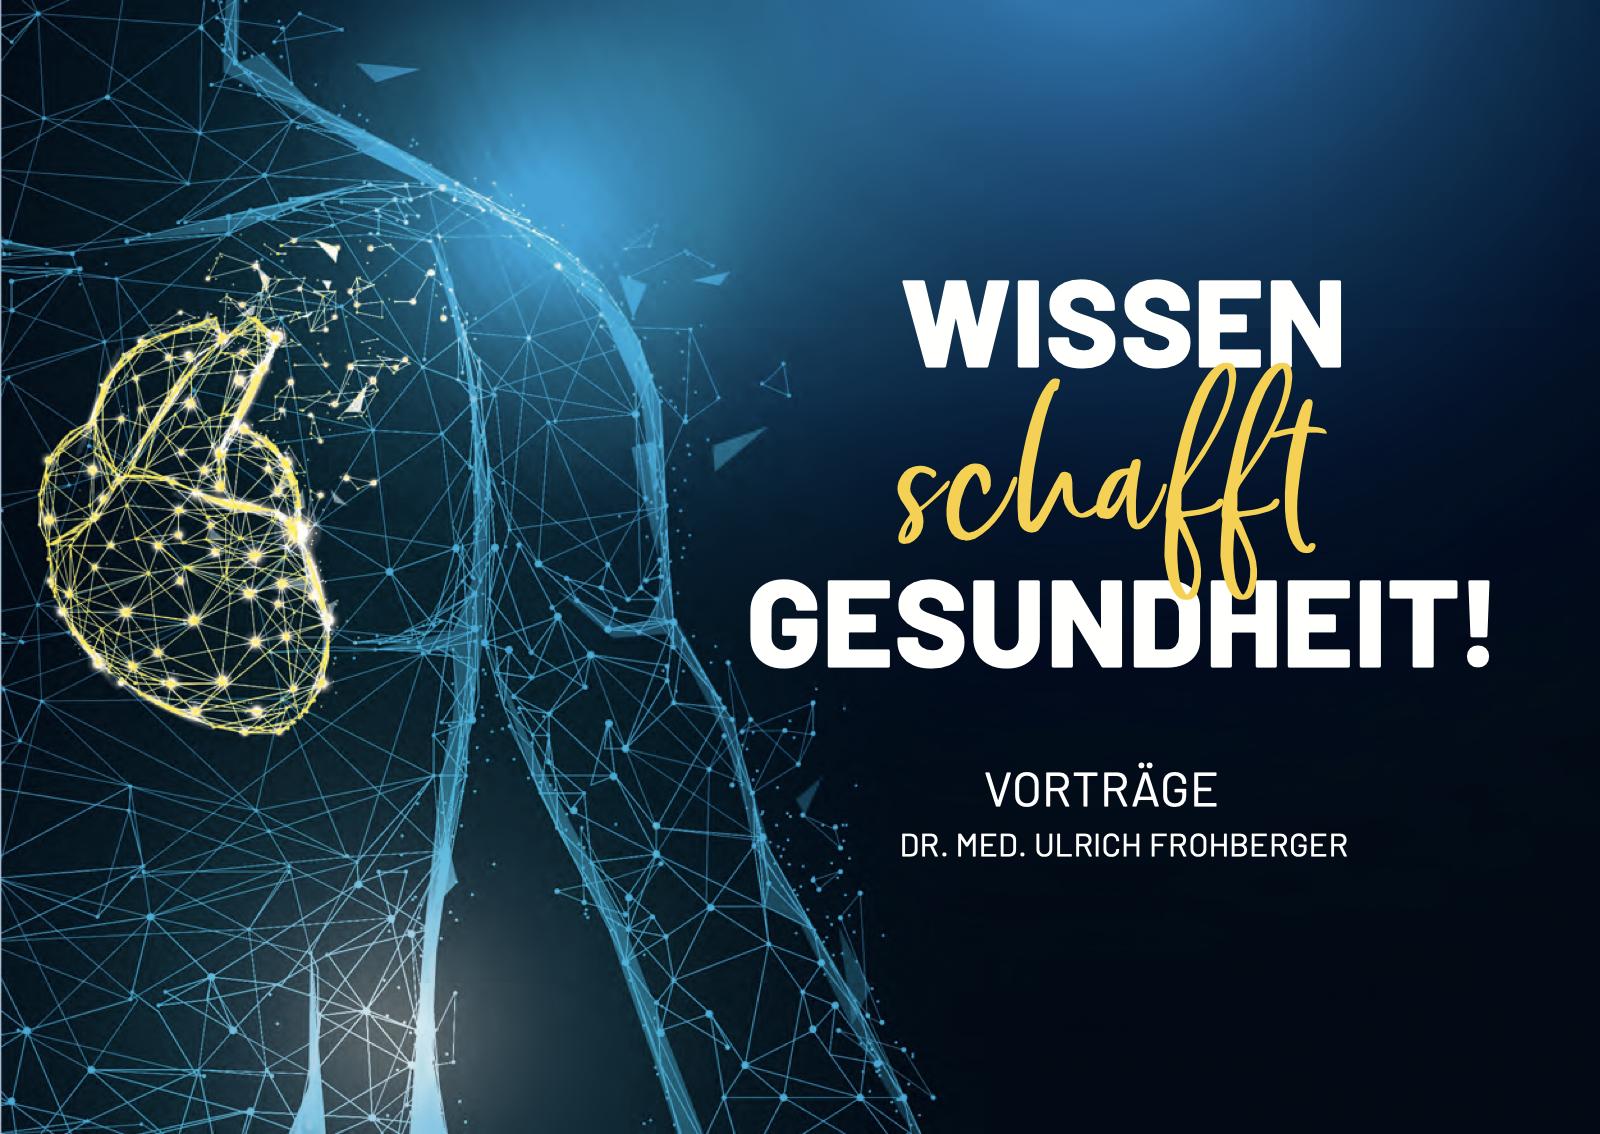 Vorträge Dr. Ulrich Frohberger Orthopäde Münster